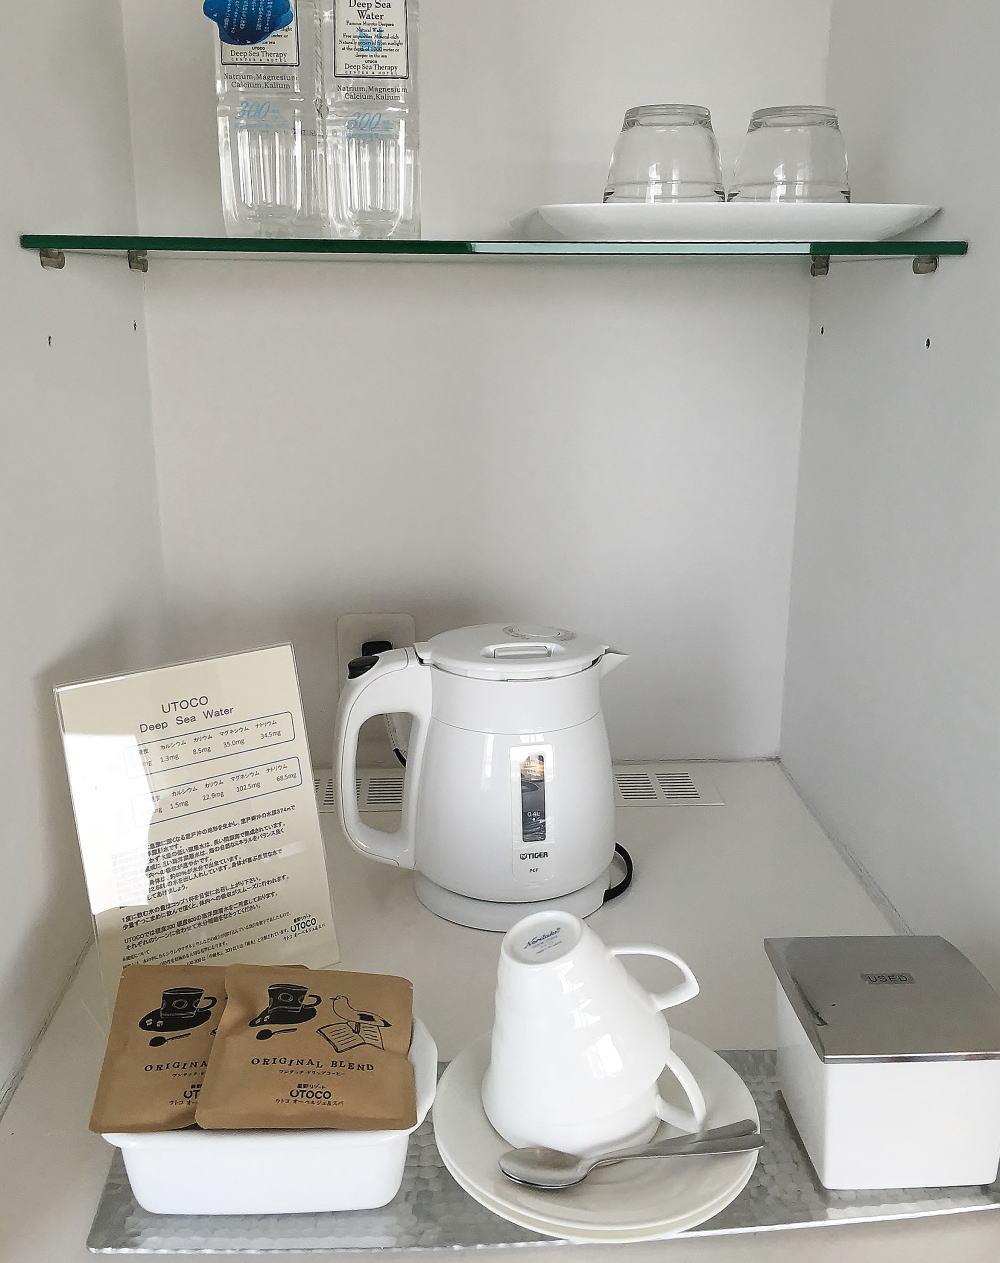 ウトコオーベルジュスパ オリジナルコーヒー